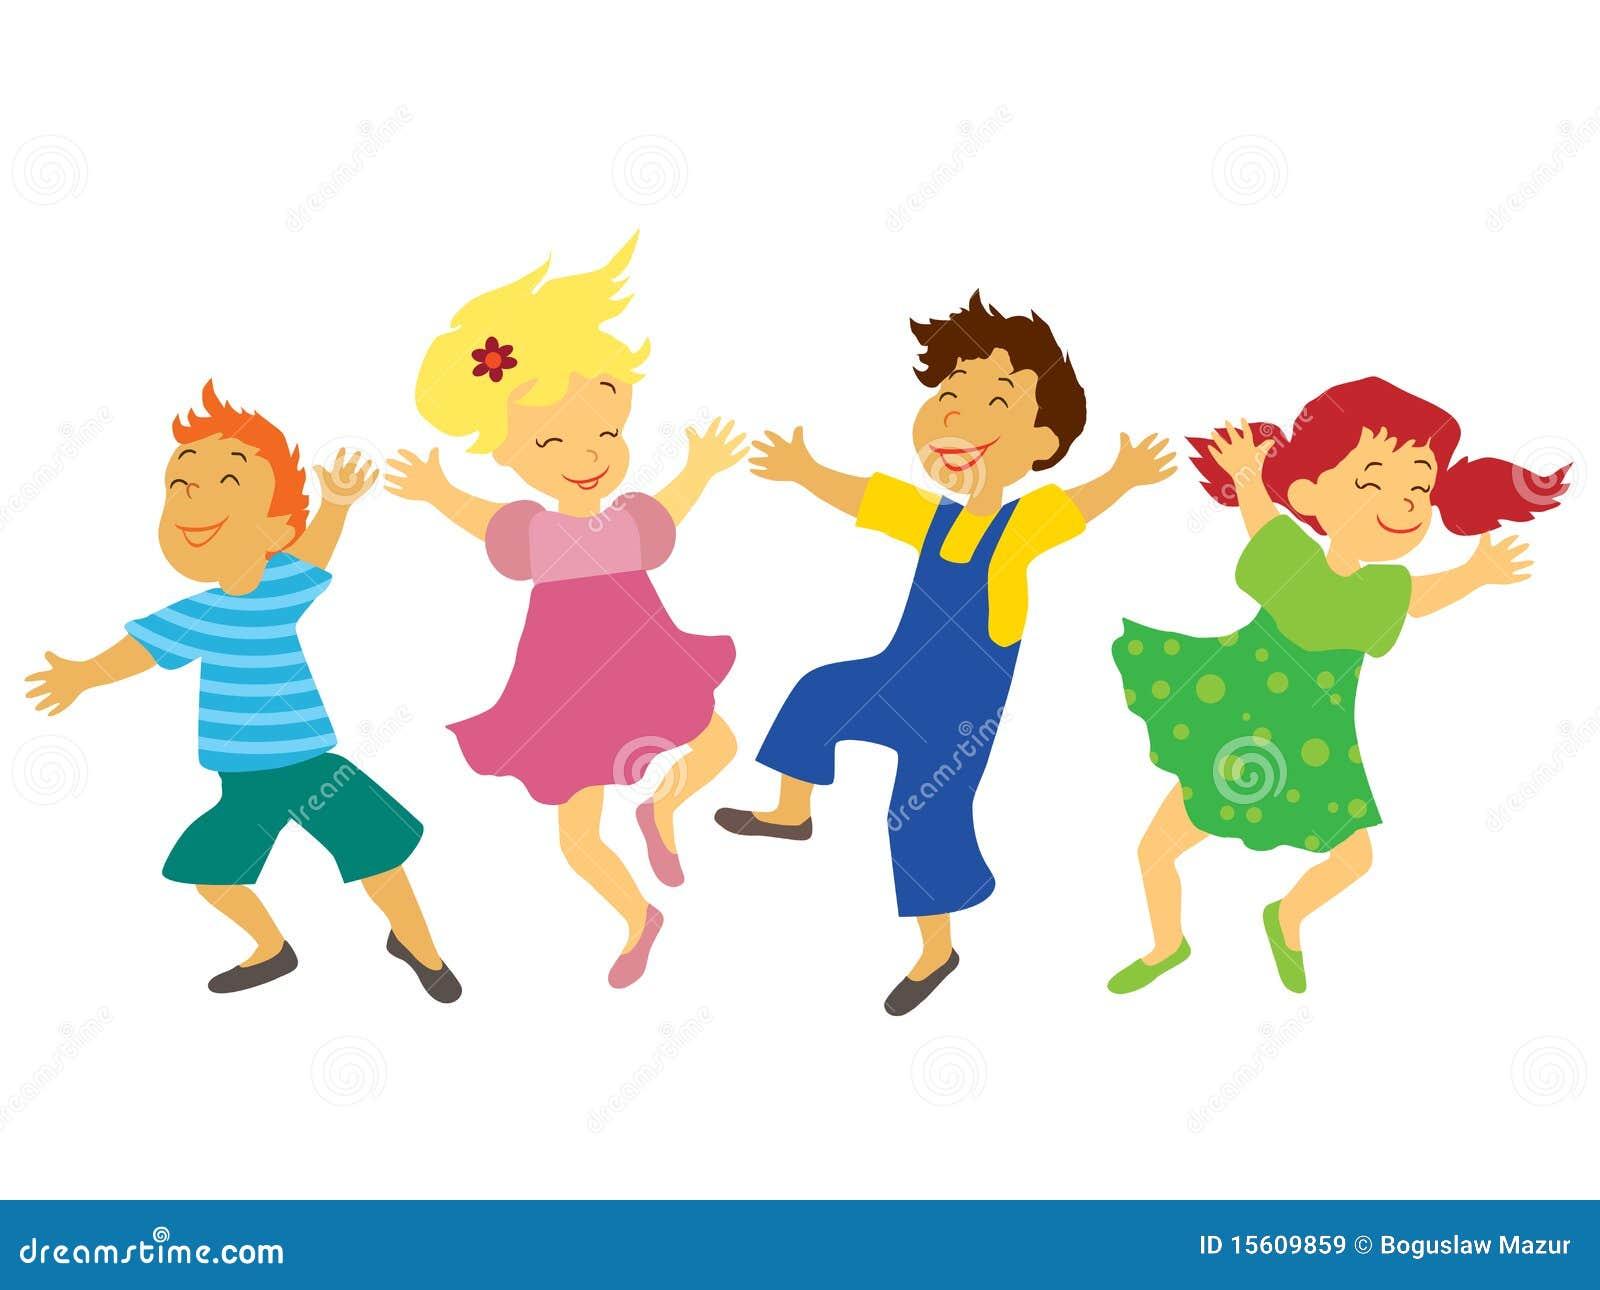 Картинки танцы мультяшные 5